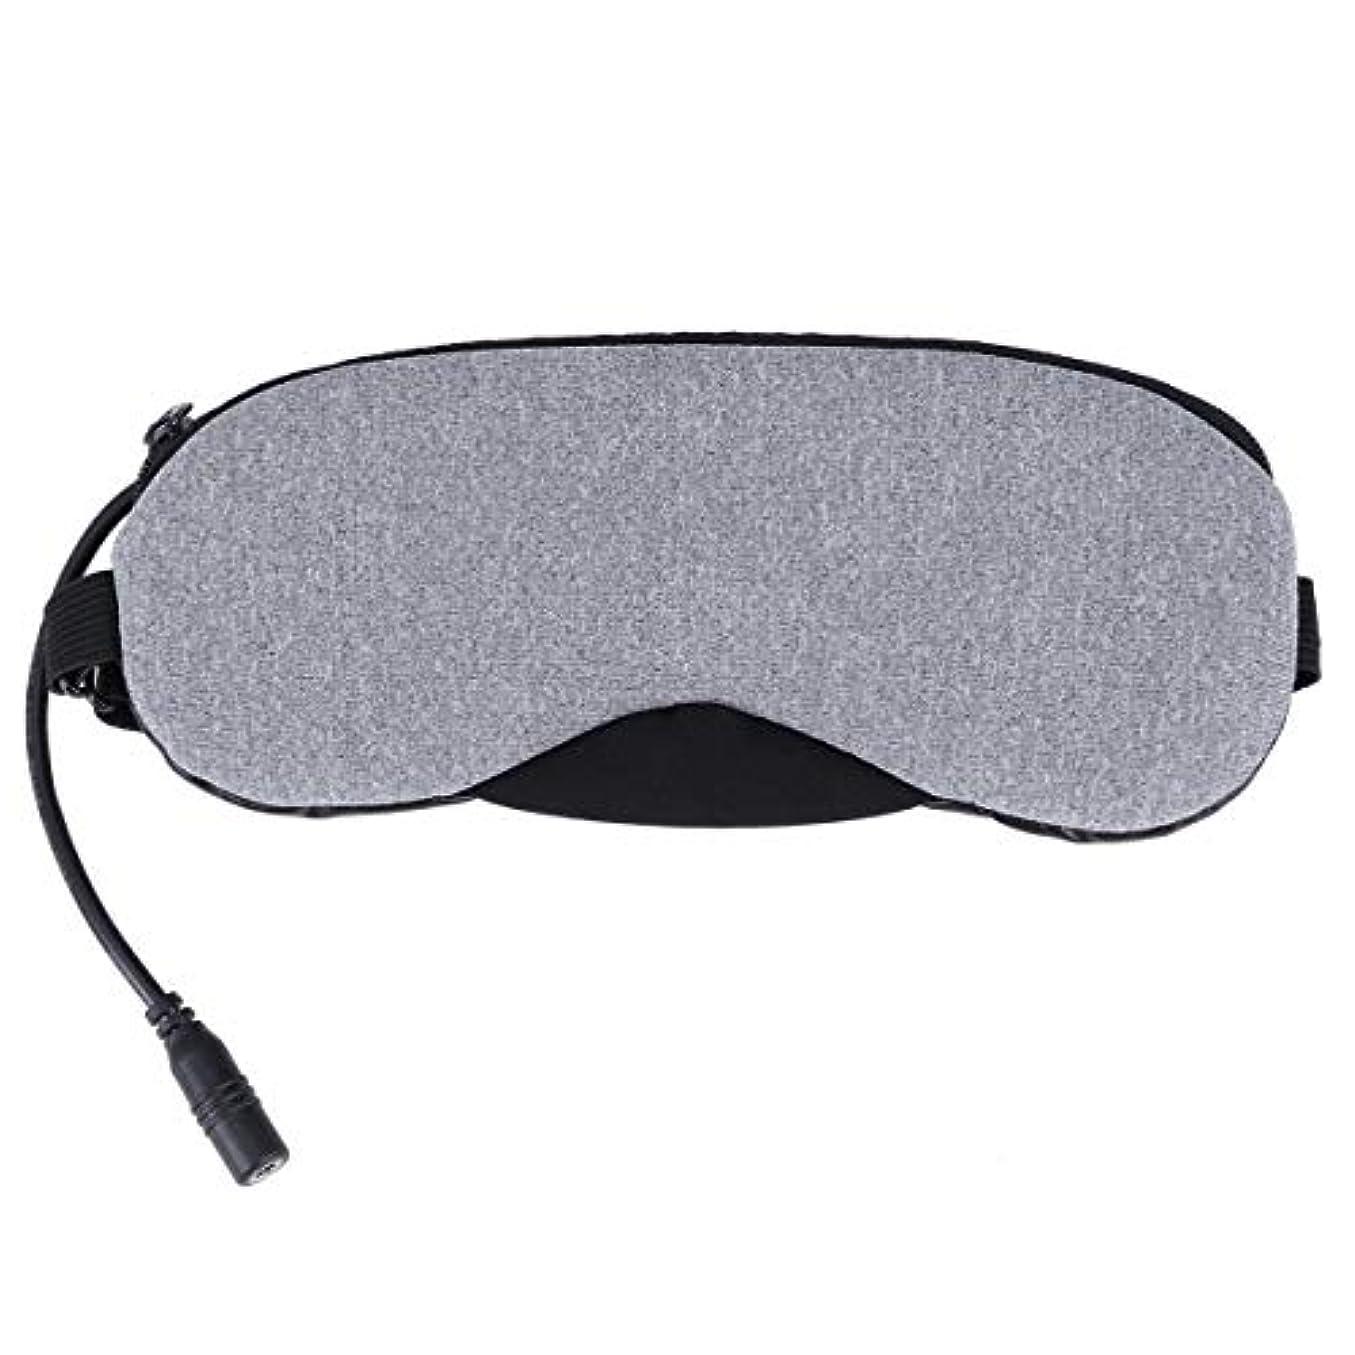 意味のあるケージ歴史的SUPVOX usbスチームアイマスクドライアイ眼eph炎用アイスパック温熱治療用アイマスク(グレー)